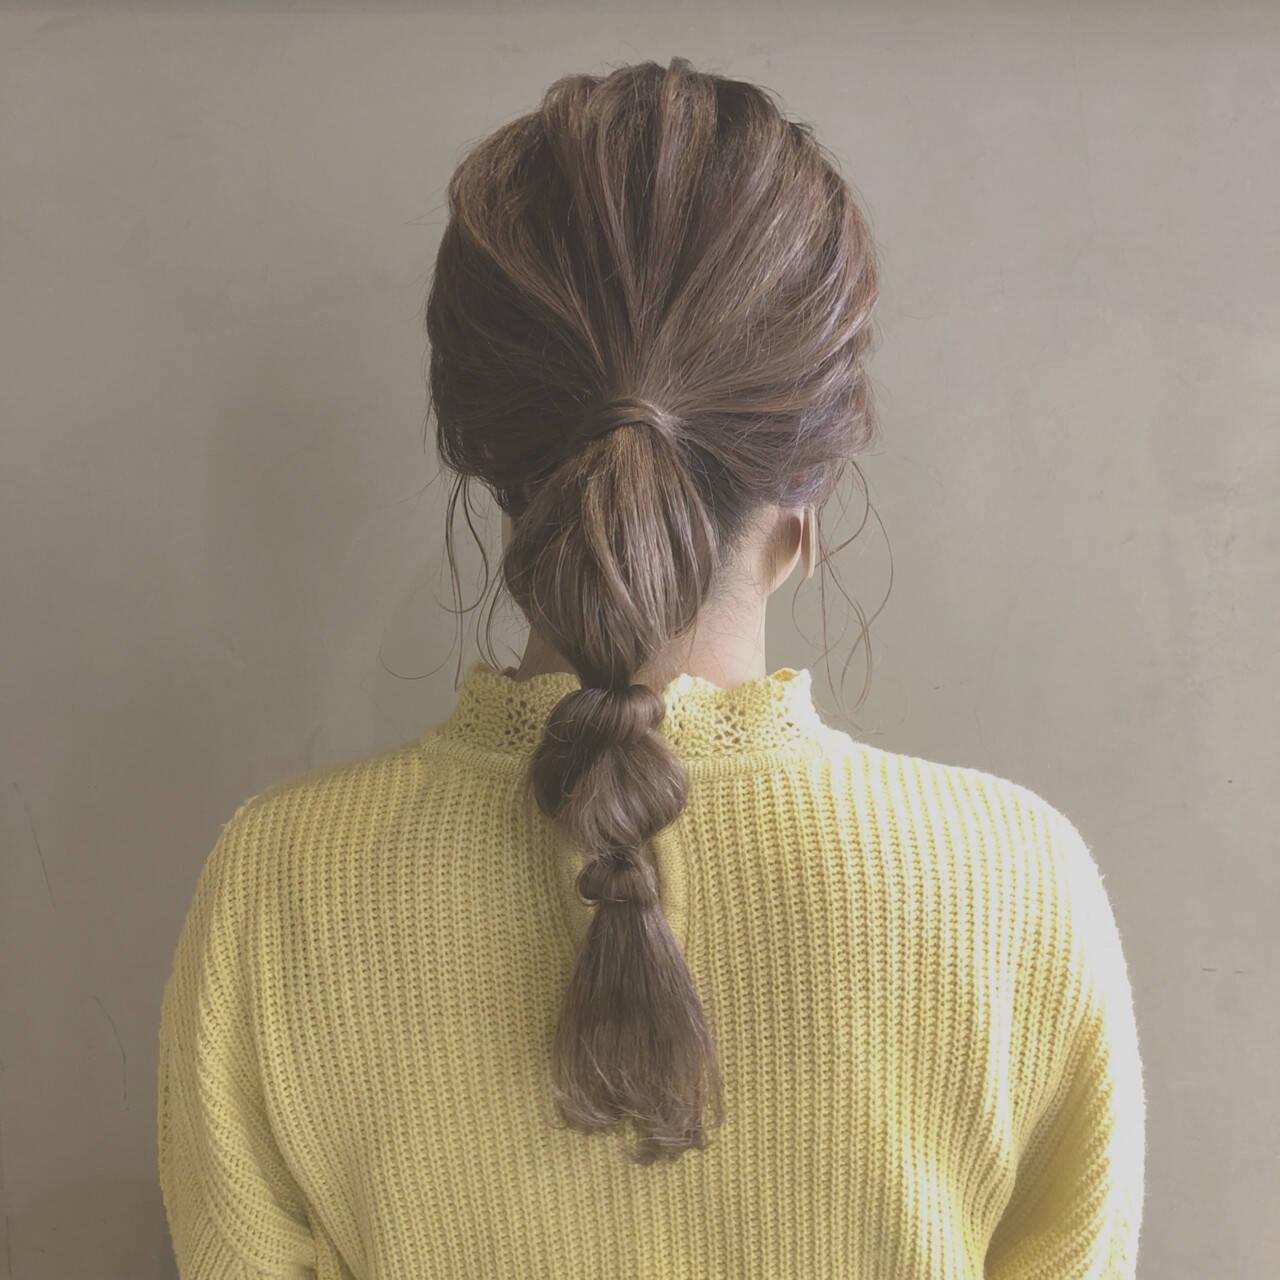 たまねぎアレンジ ポニーテール 簡単ヘアアレンジ セミロングヘアスタイルや髪型の写真・画像